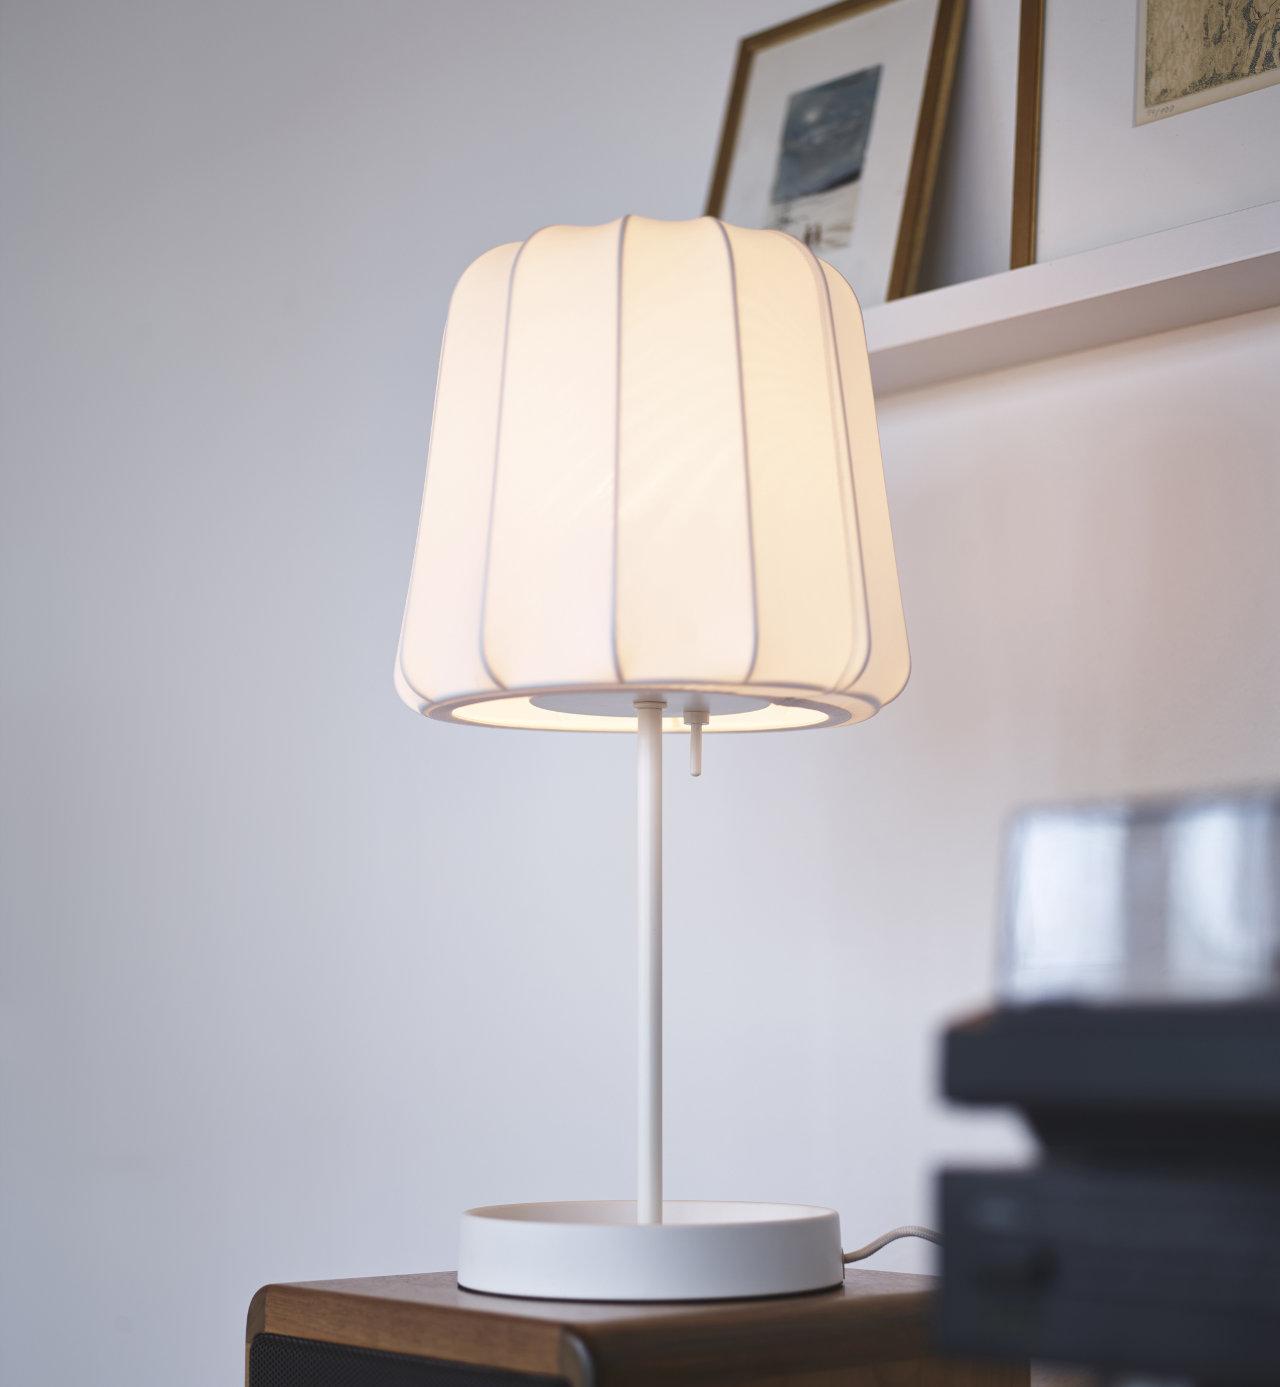 Full Size of Ikea Lampen Betten Bei Modulküche Küche Bad Led 160x200 Kaufen Esstisch Miniküche Deckenlampen Wohnzimmer Modern Kosten Designer Für Sofa Mit Wohnzimmer Ikea Lampen